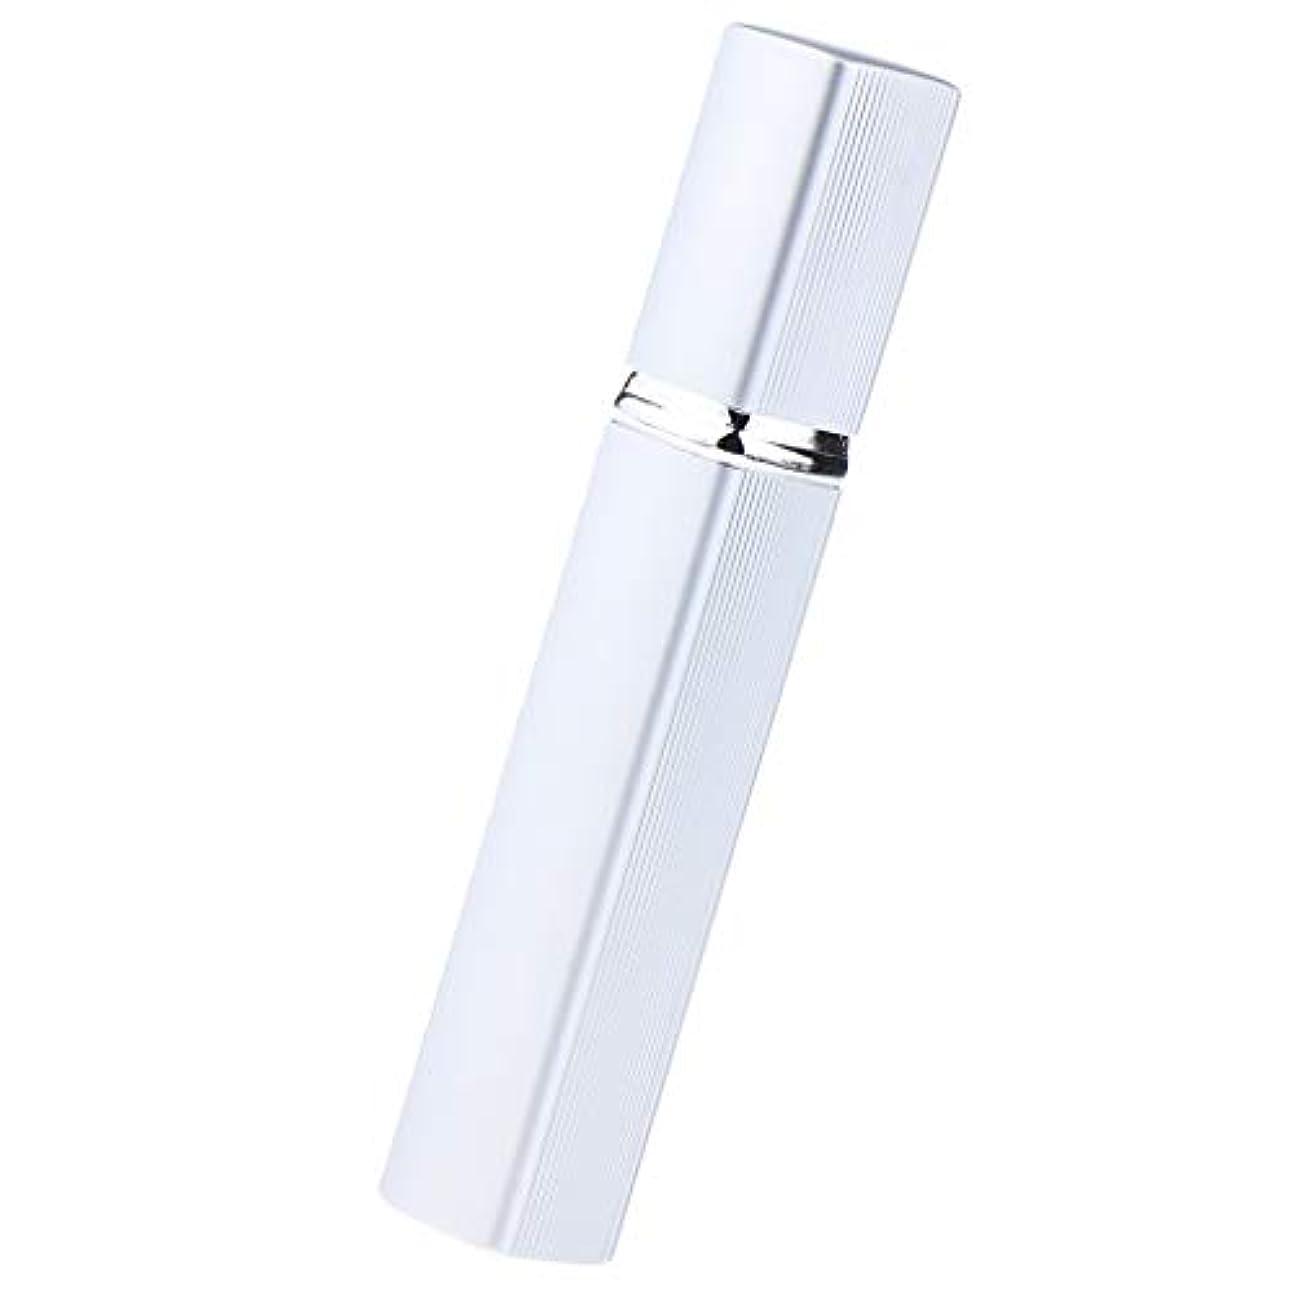 細胞夜放つ香水瓶 スプレー 香水ボトル ガラス スプレーボトル 12ml 香りアトマイザー 多色選べ - 銀